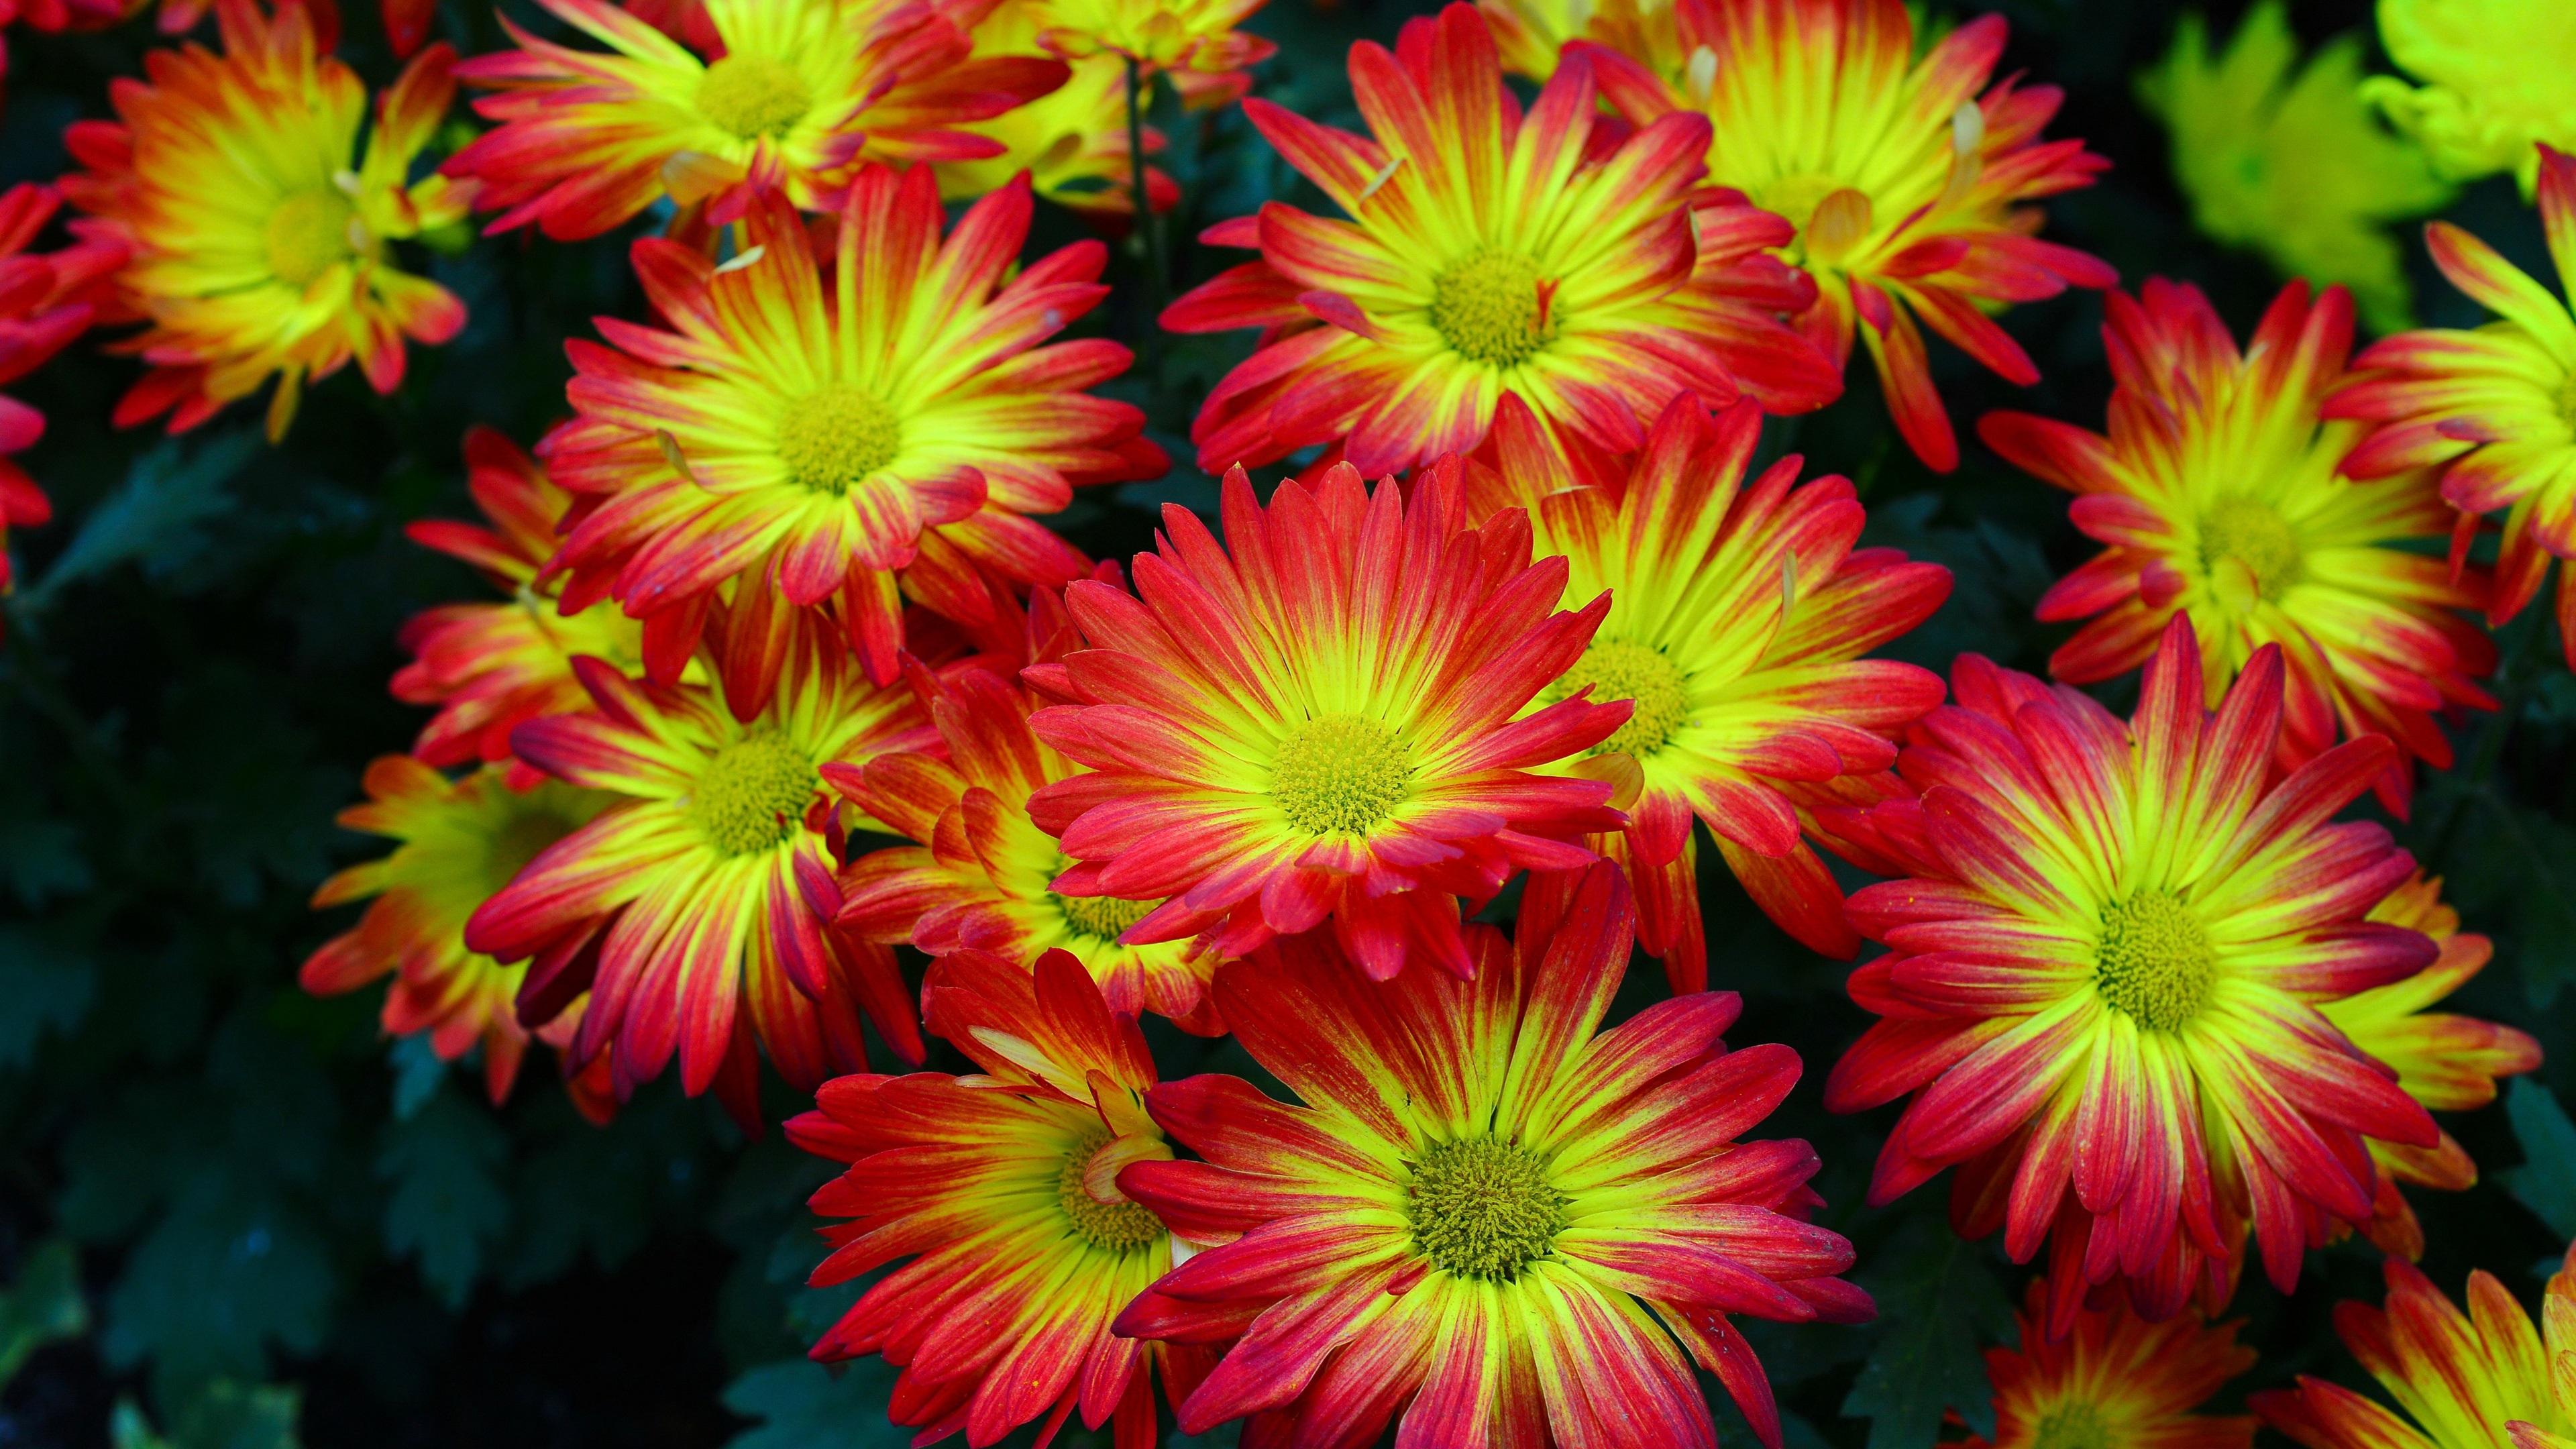 Fondos De Pantalla Hermosas Flores De Color Rojo Amarillo Pétalos Crisantemo 3840x2160 Uhd 4k Imagen